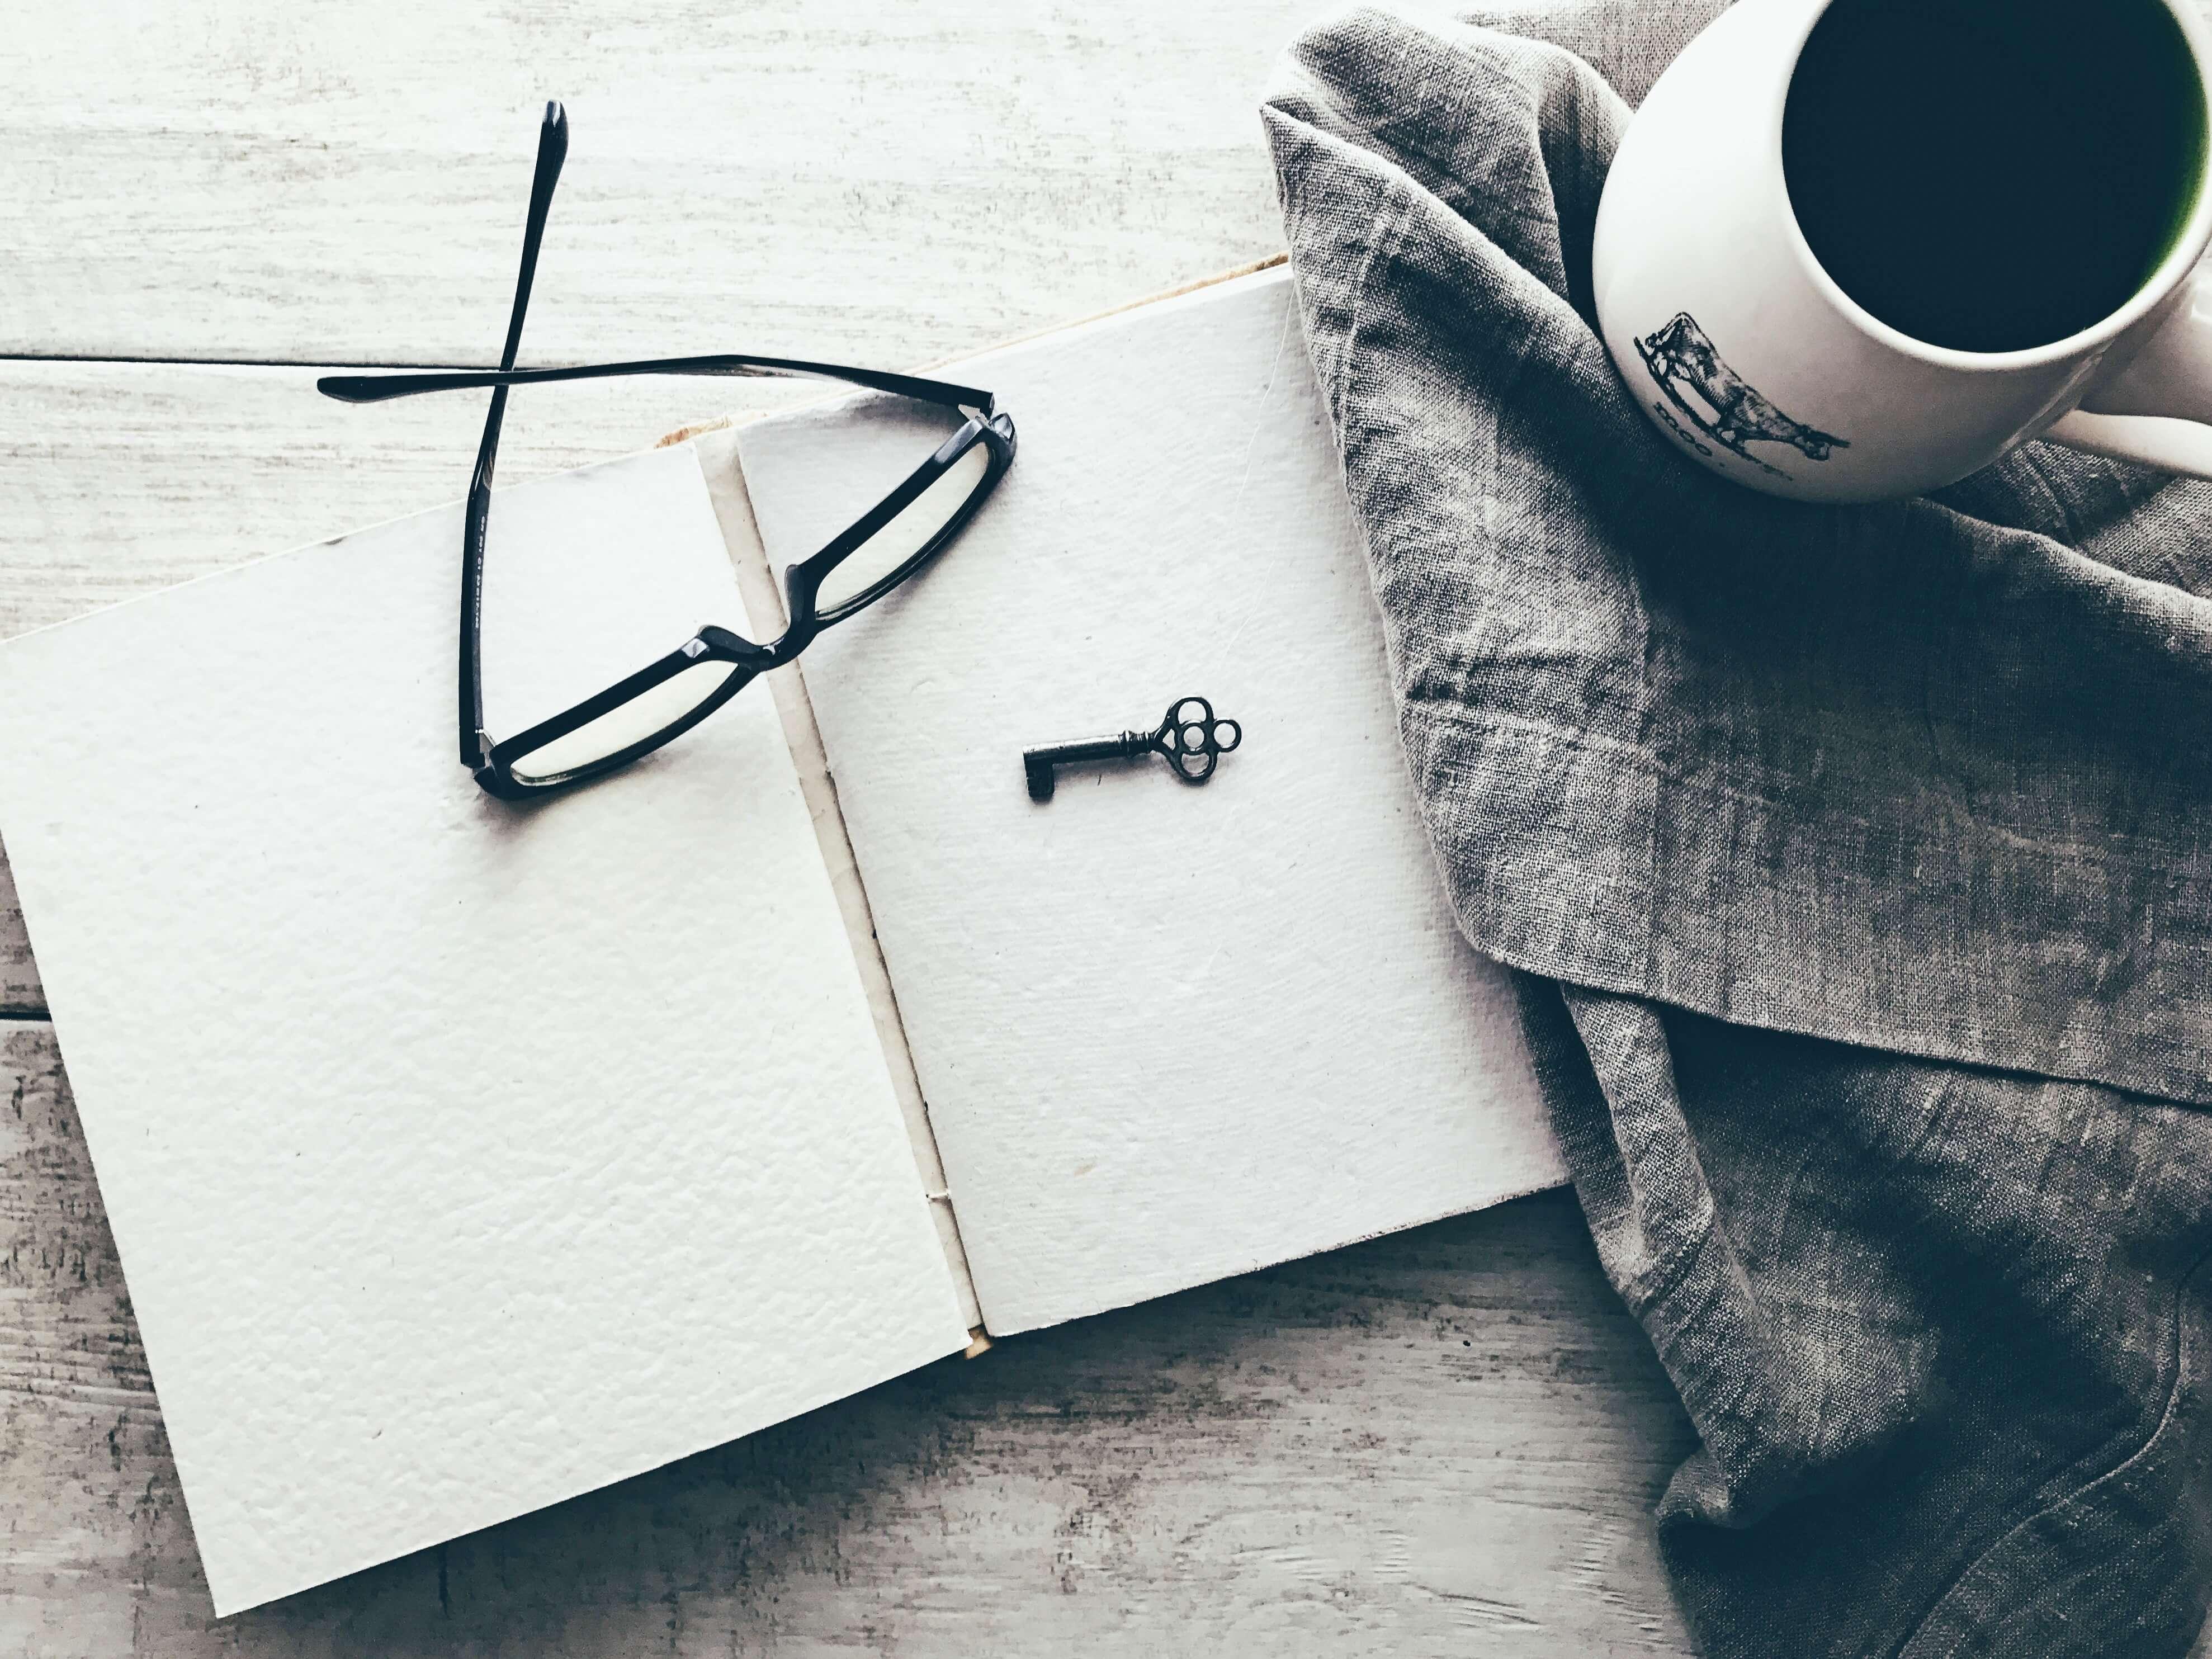 ノートの上に置かれたメガネと布の上に置かれたマグカップ